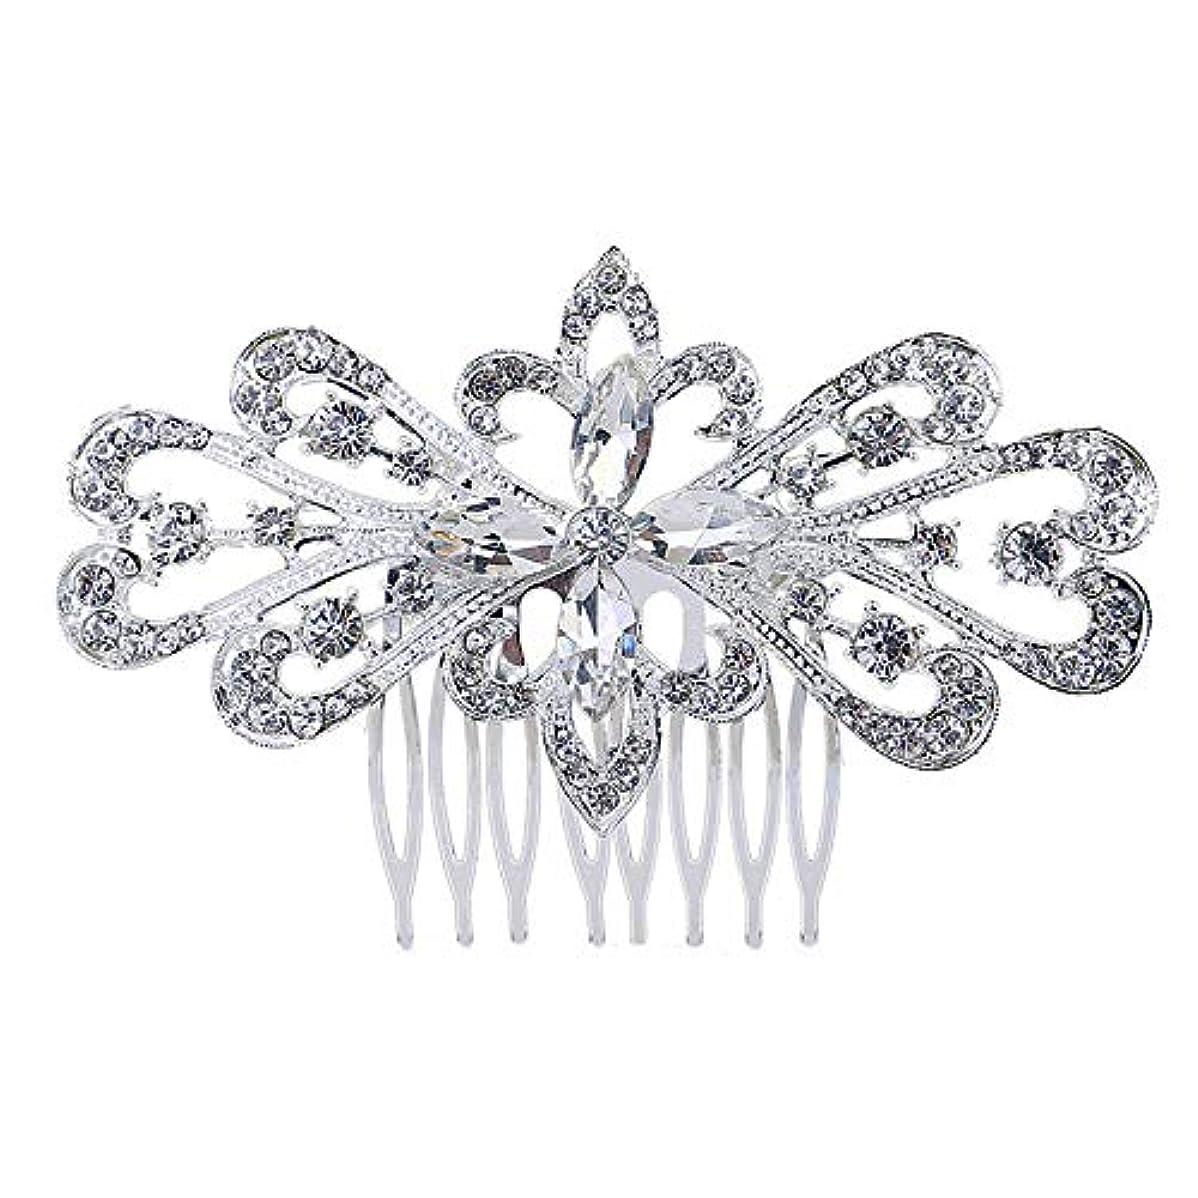 シャーロットブロンテおっとジョグ髪の櫛の櫛の櫛の花嫁の髪の櫛の花の髪の櫛のラインストーンの挿入物の櫛の合金の帽子の結婚式のアクセサリー